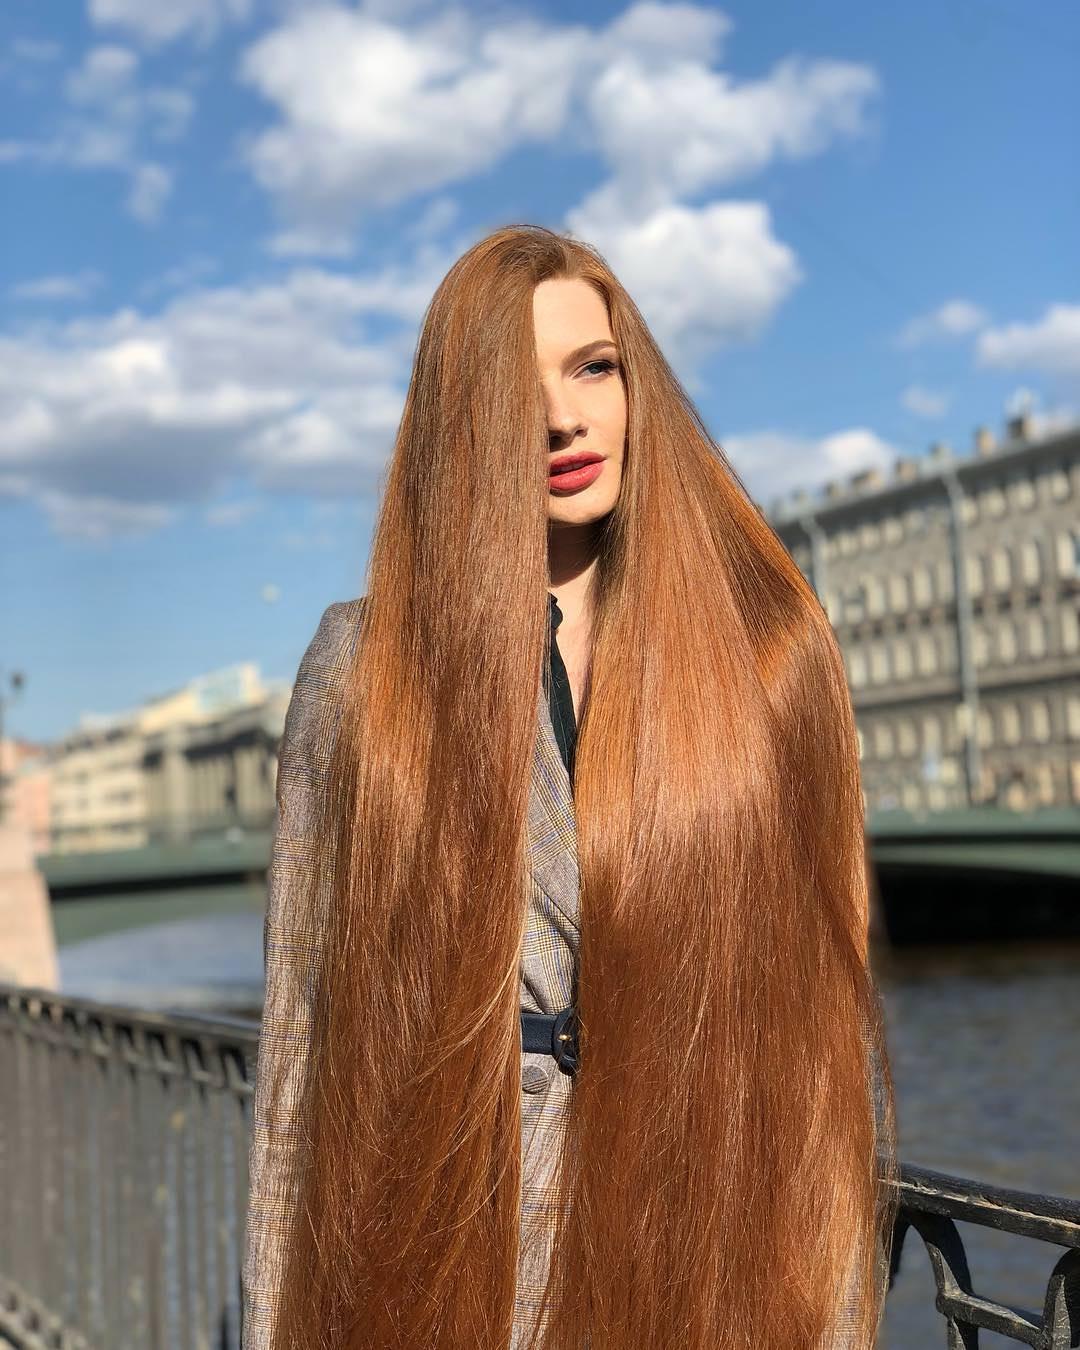 اگر آرزوی موهای بلند و سالم دارید، این کارها را نکنید!